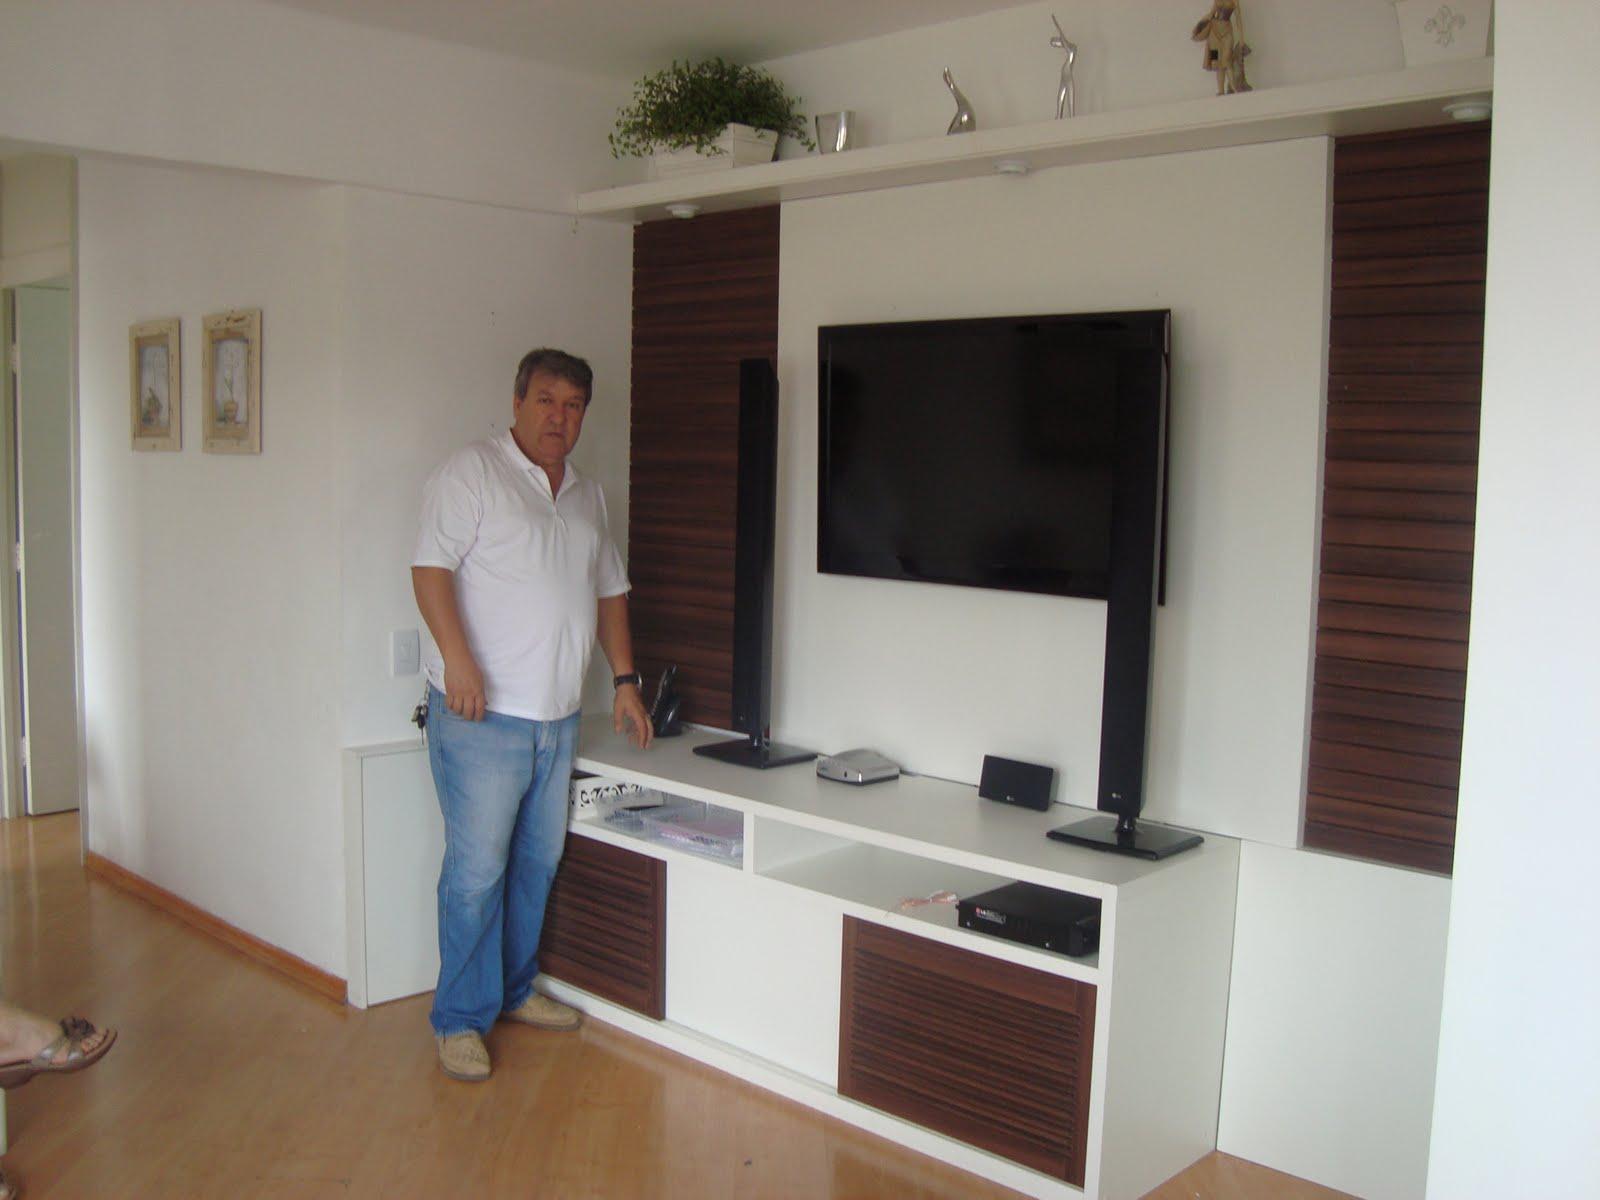 COZINHAS ARMÁRIOS EMBUTIDO MARCENARIA HOME THEATER OFICCE WINE CLOSET #2F4A70 1600 1200